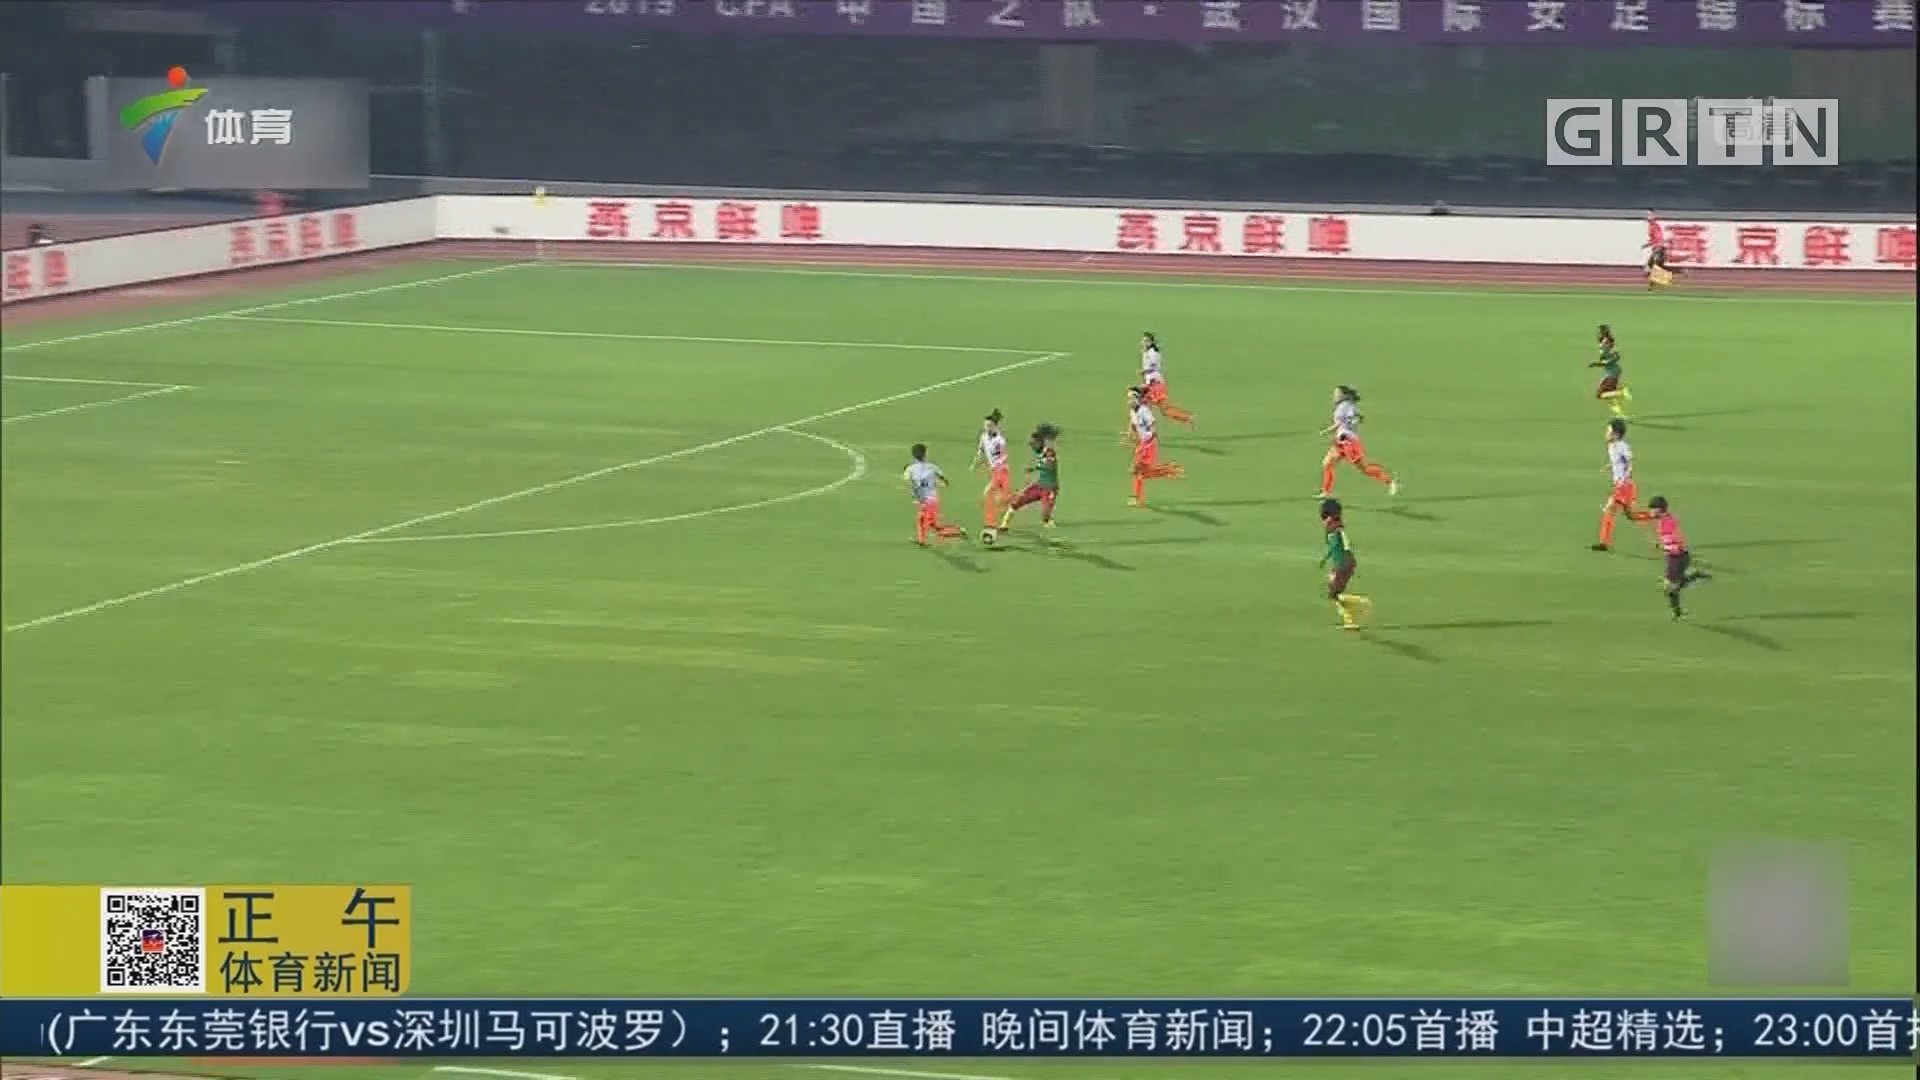 王珊珊建功 中国女足夺冠